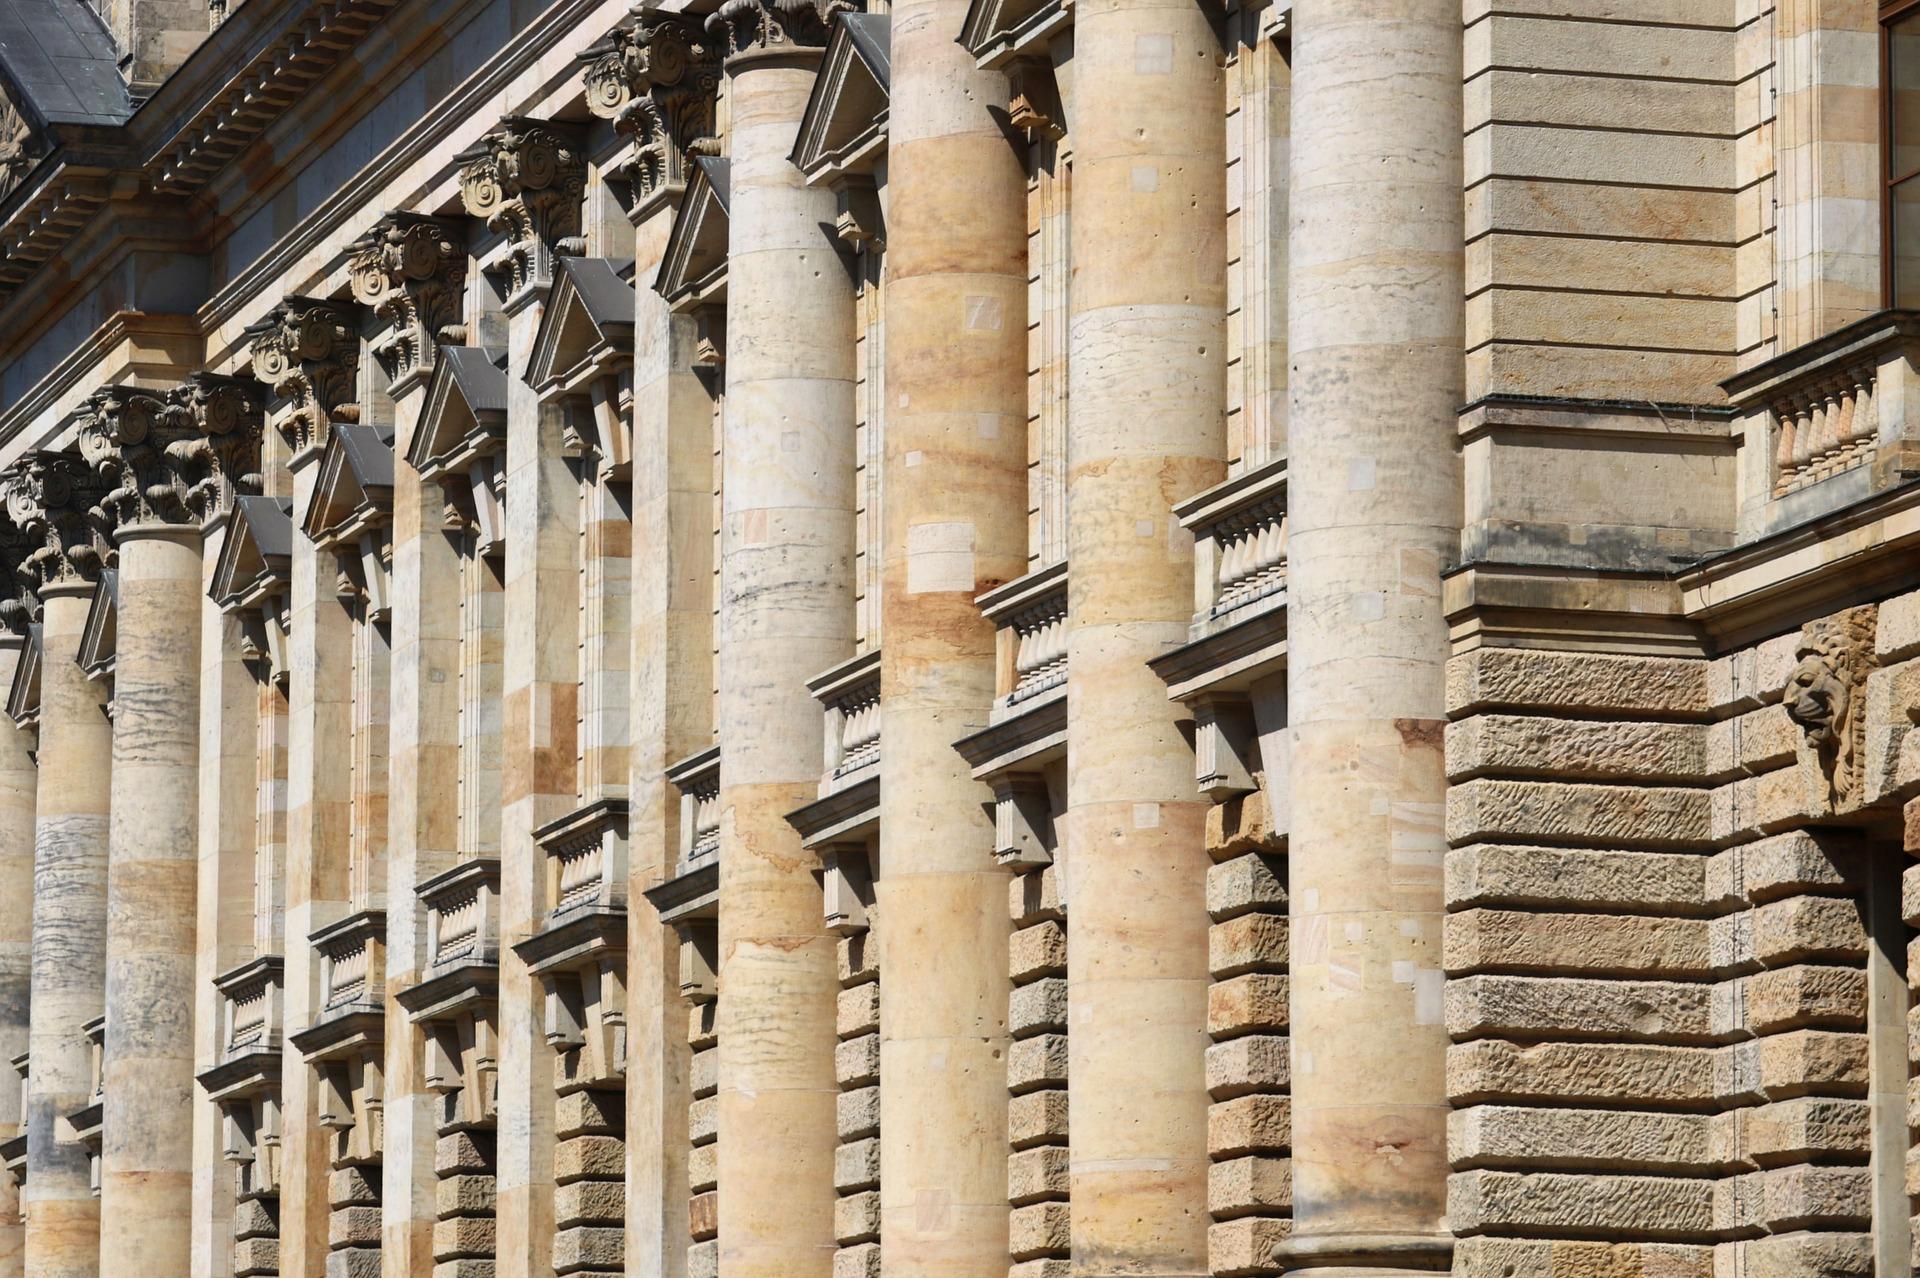 Deal im Strafverfahren - die nicht abgesprochene Bewährungsweisung